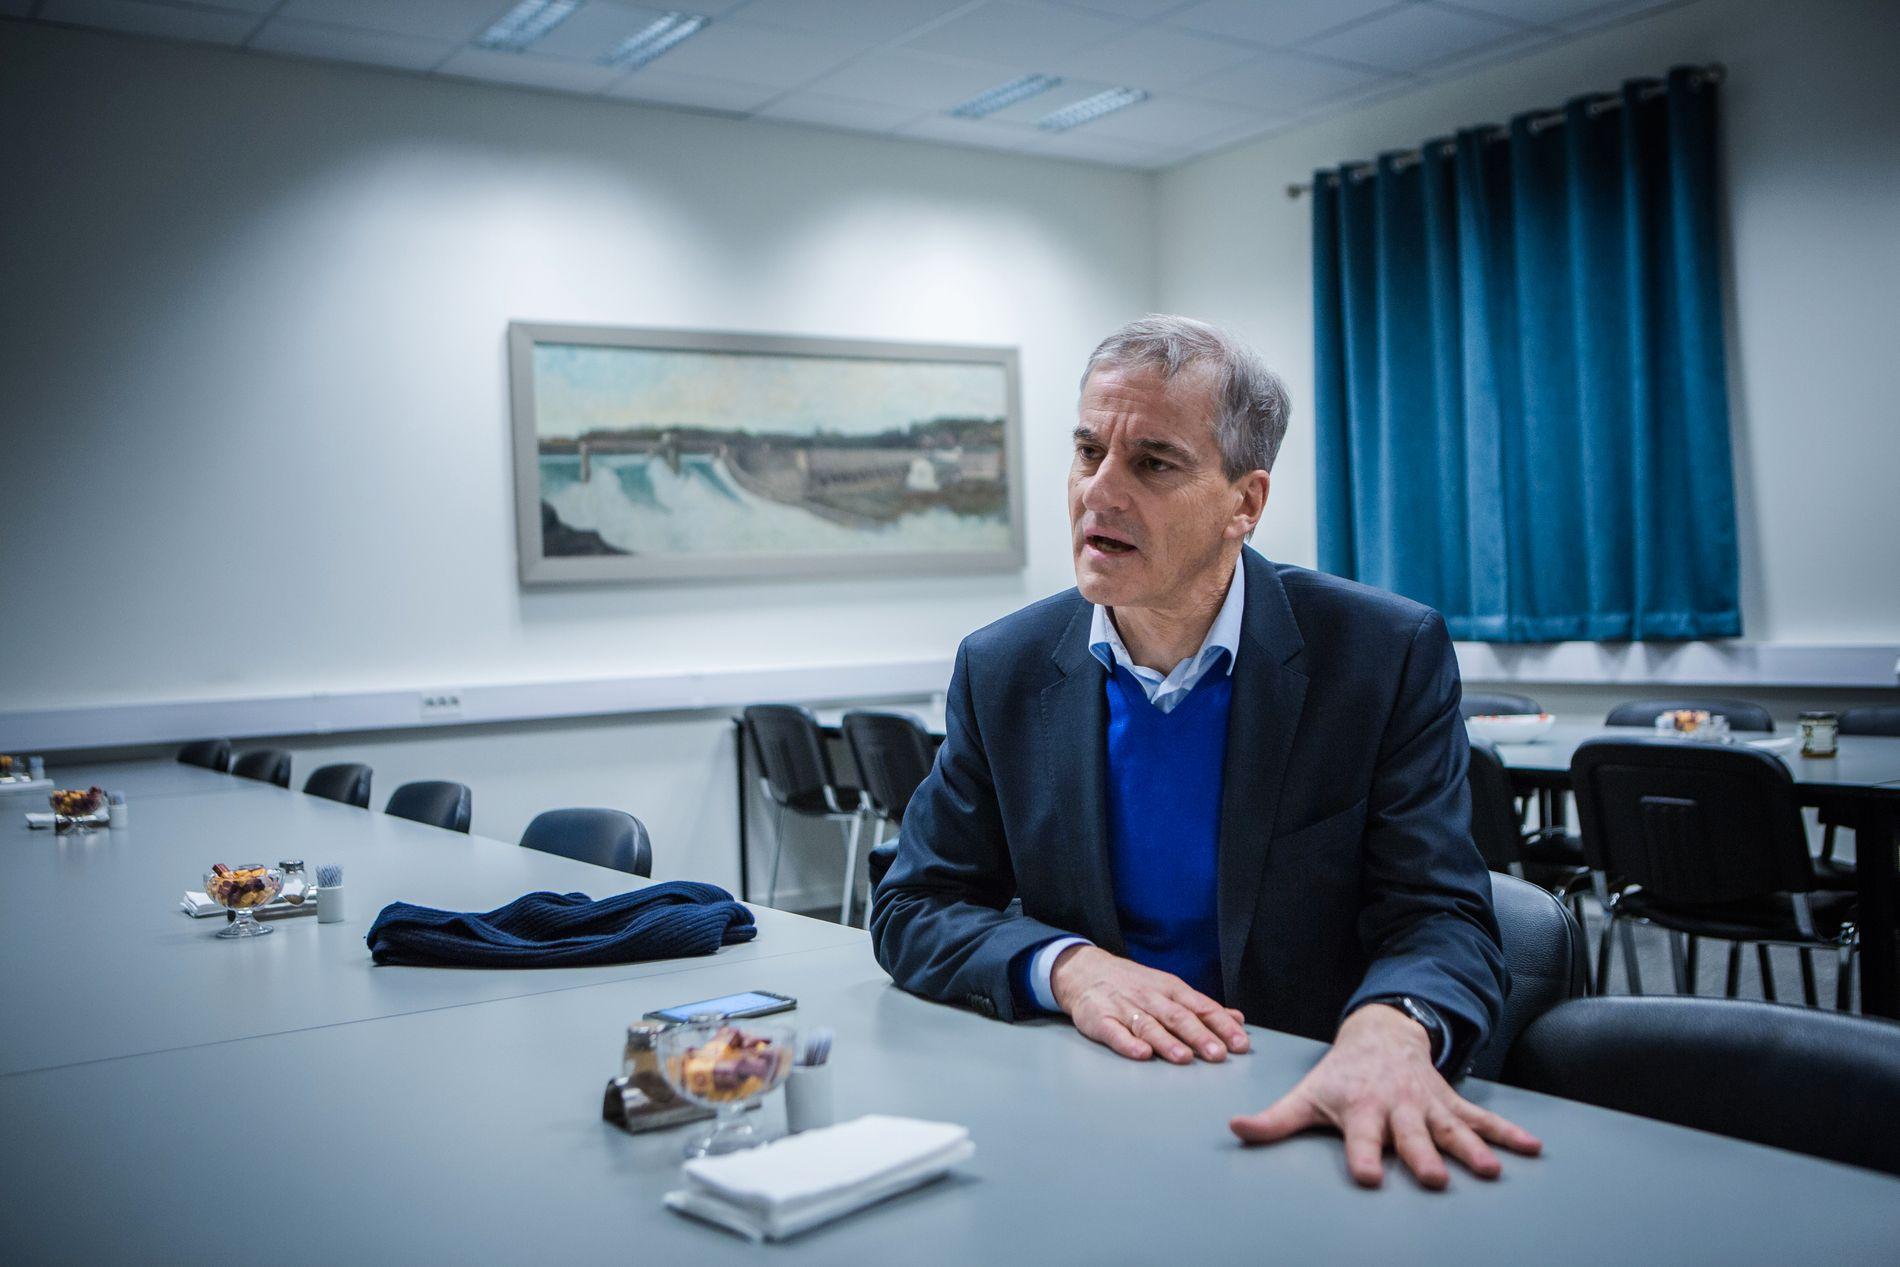 VIL FJERNE EU: Ambisjonen om medlemskap i Den europeiske union skal ut av Arbeiderpartiets program. Ap-leder Jonas Gahr Støre støtter forslaget.